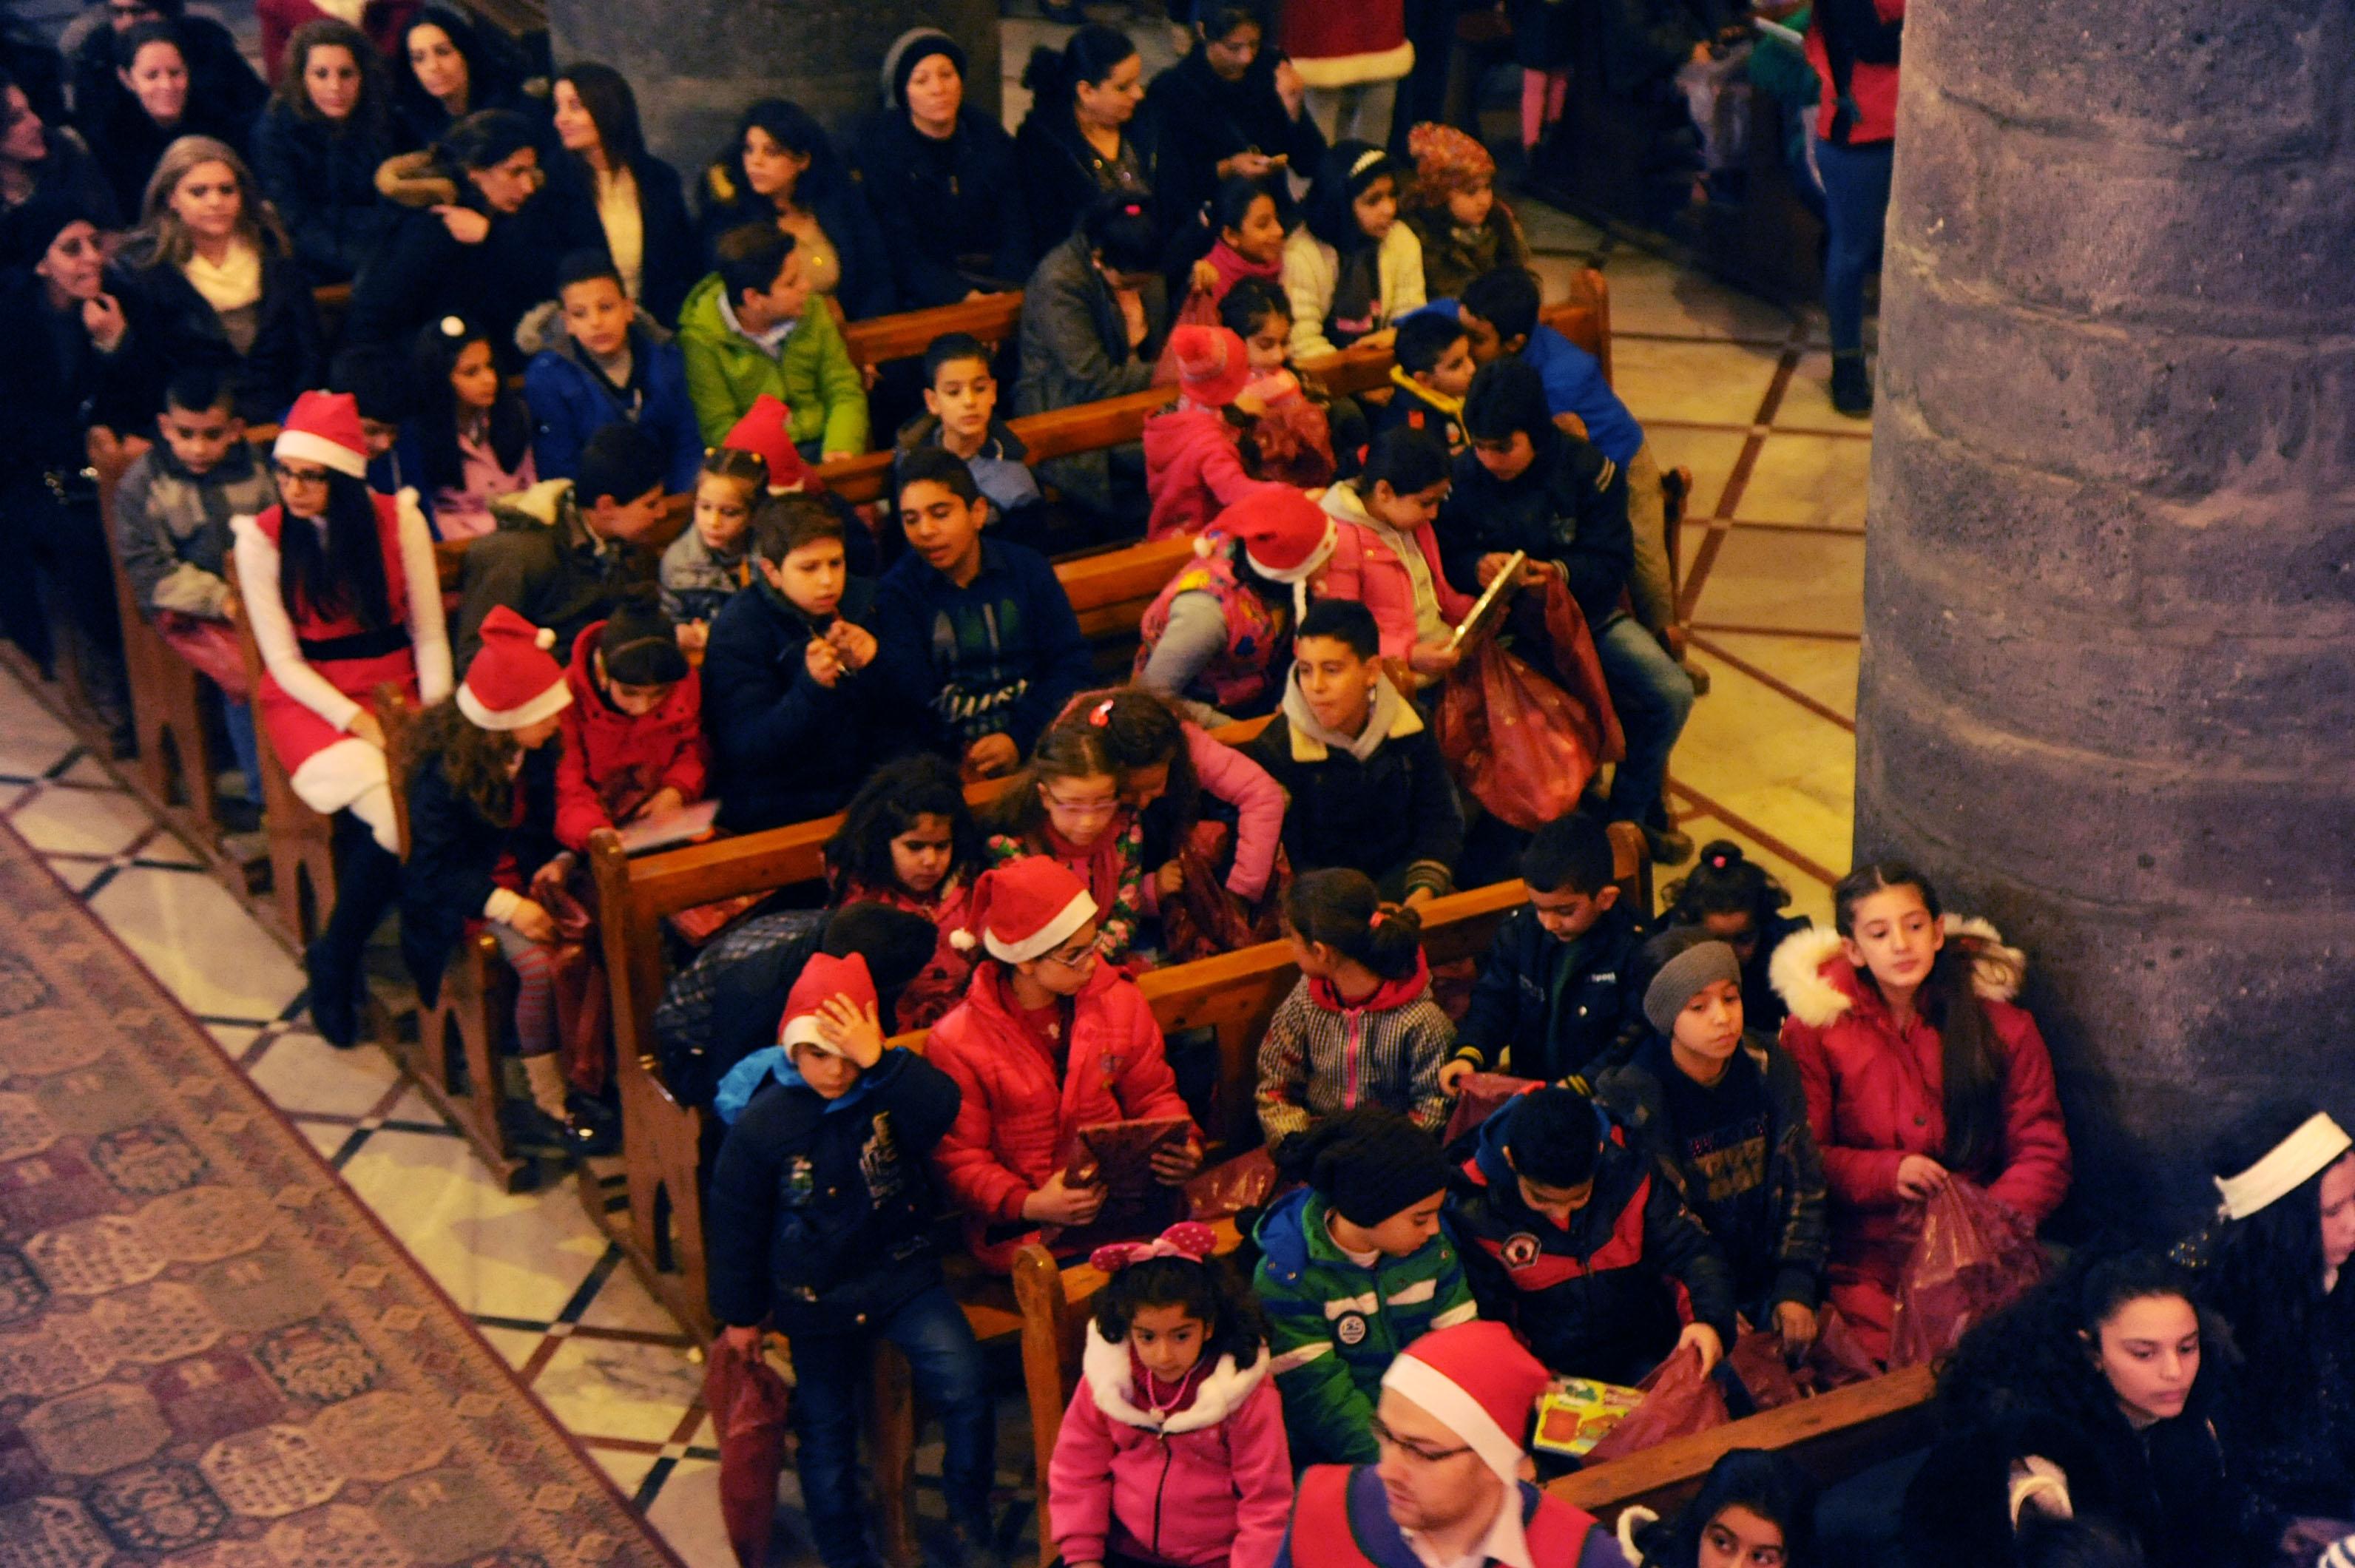 En fotos con motivo de la navidad festividad para los - Motivos de la navidad ...